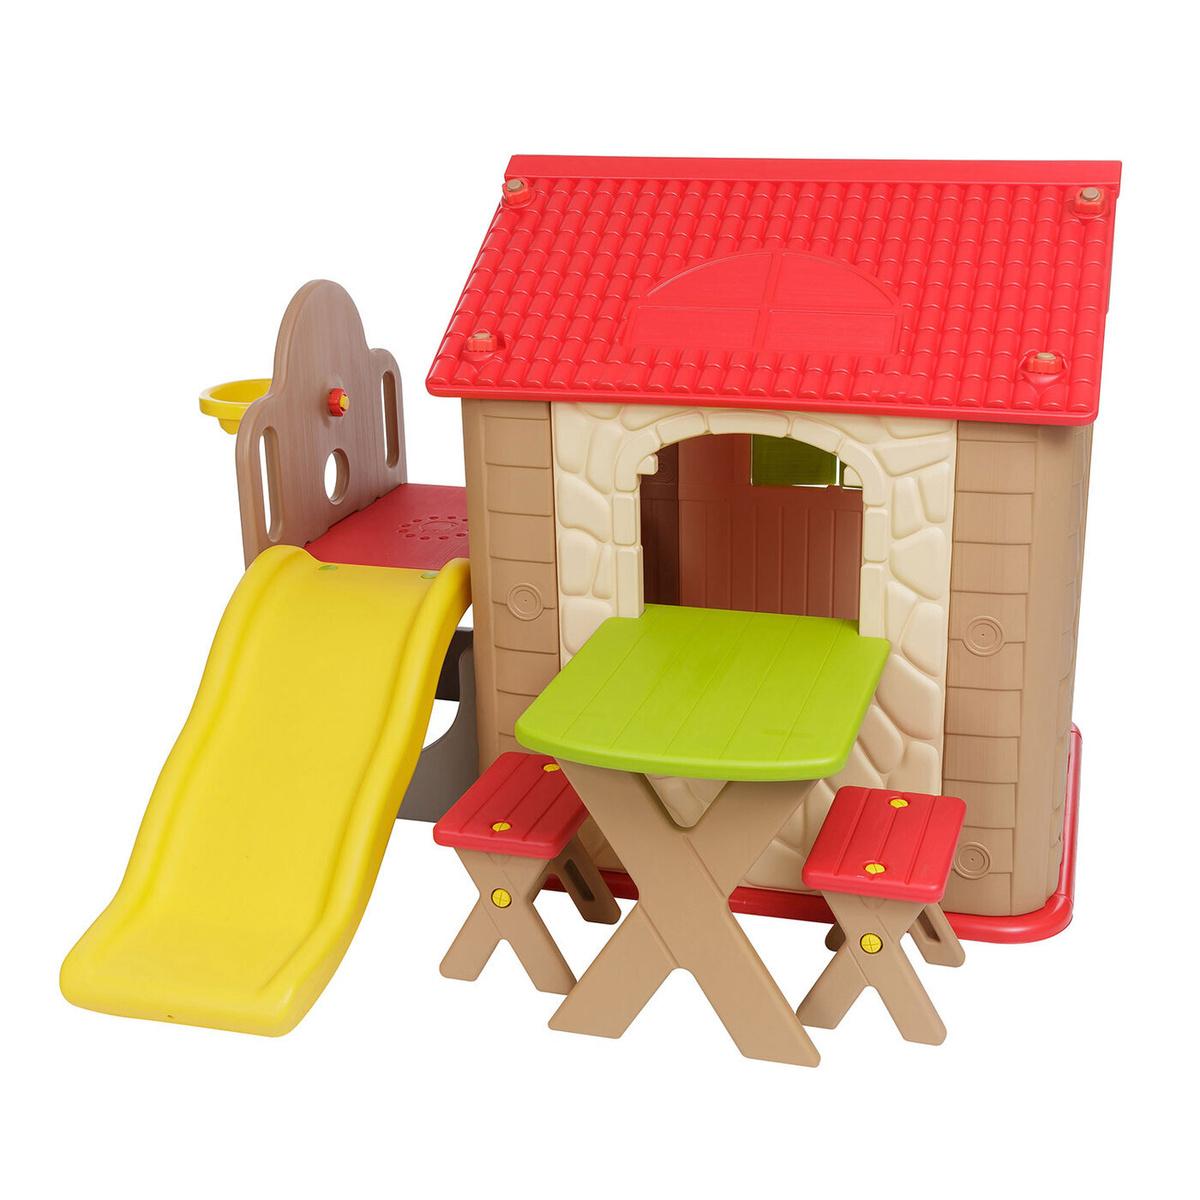 Haenim Toy HN-777 (Brown+Red) Детский игровой комплекс для дома и улицы: игровой домик, игровой столик, #1